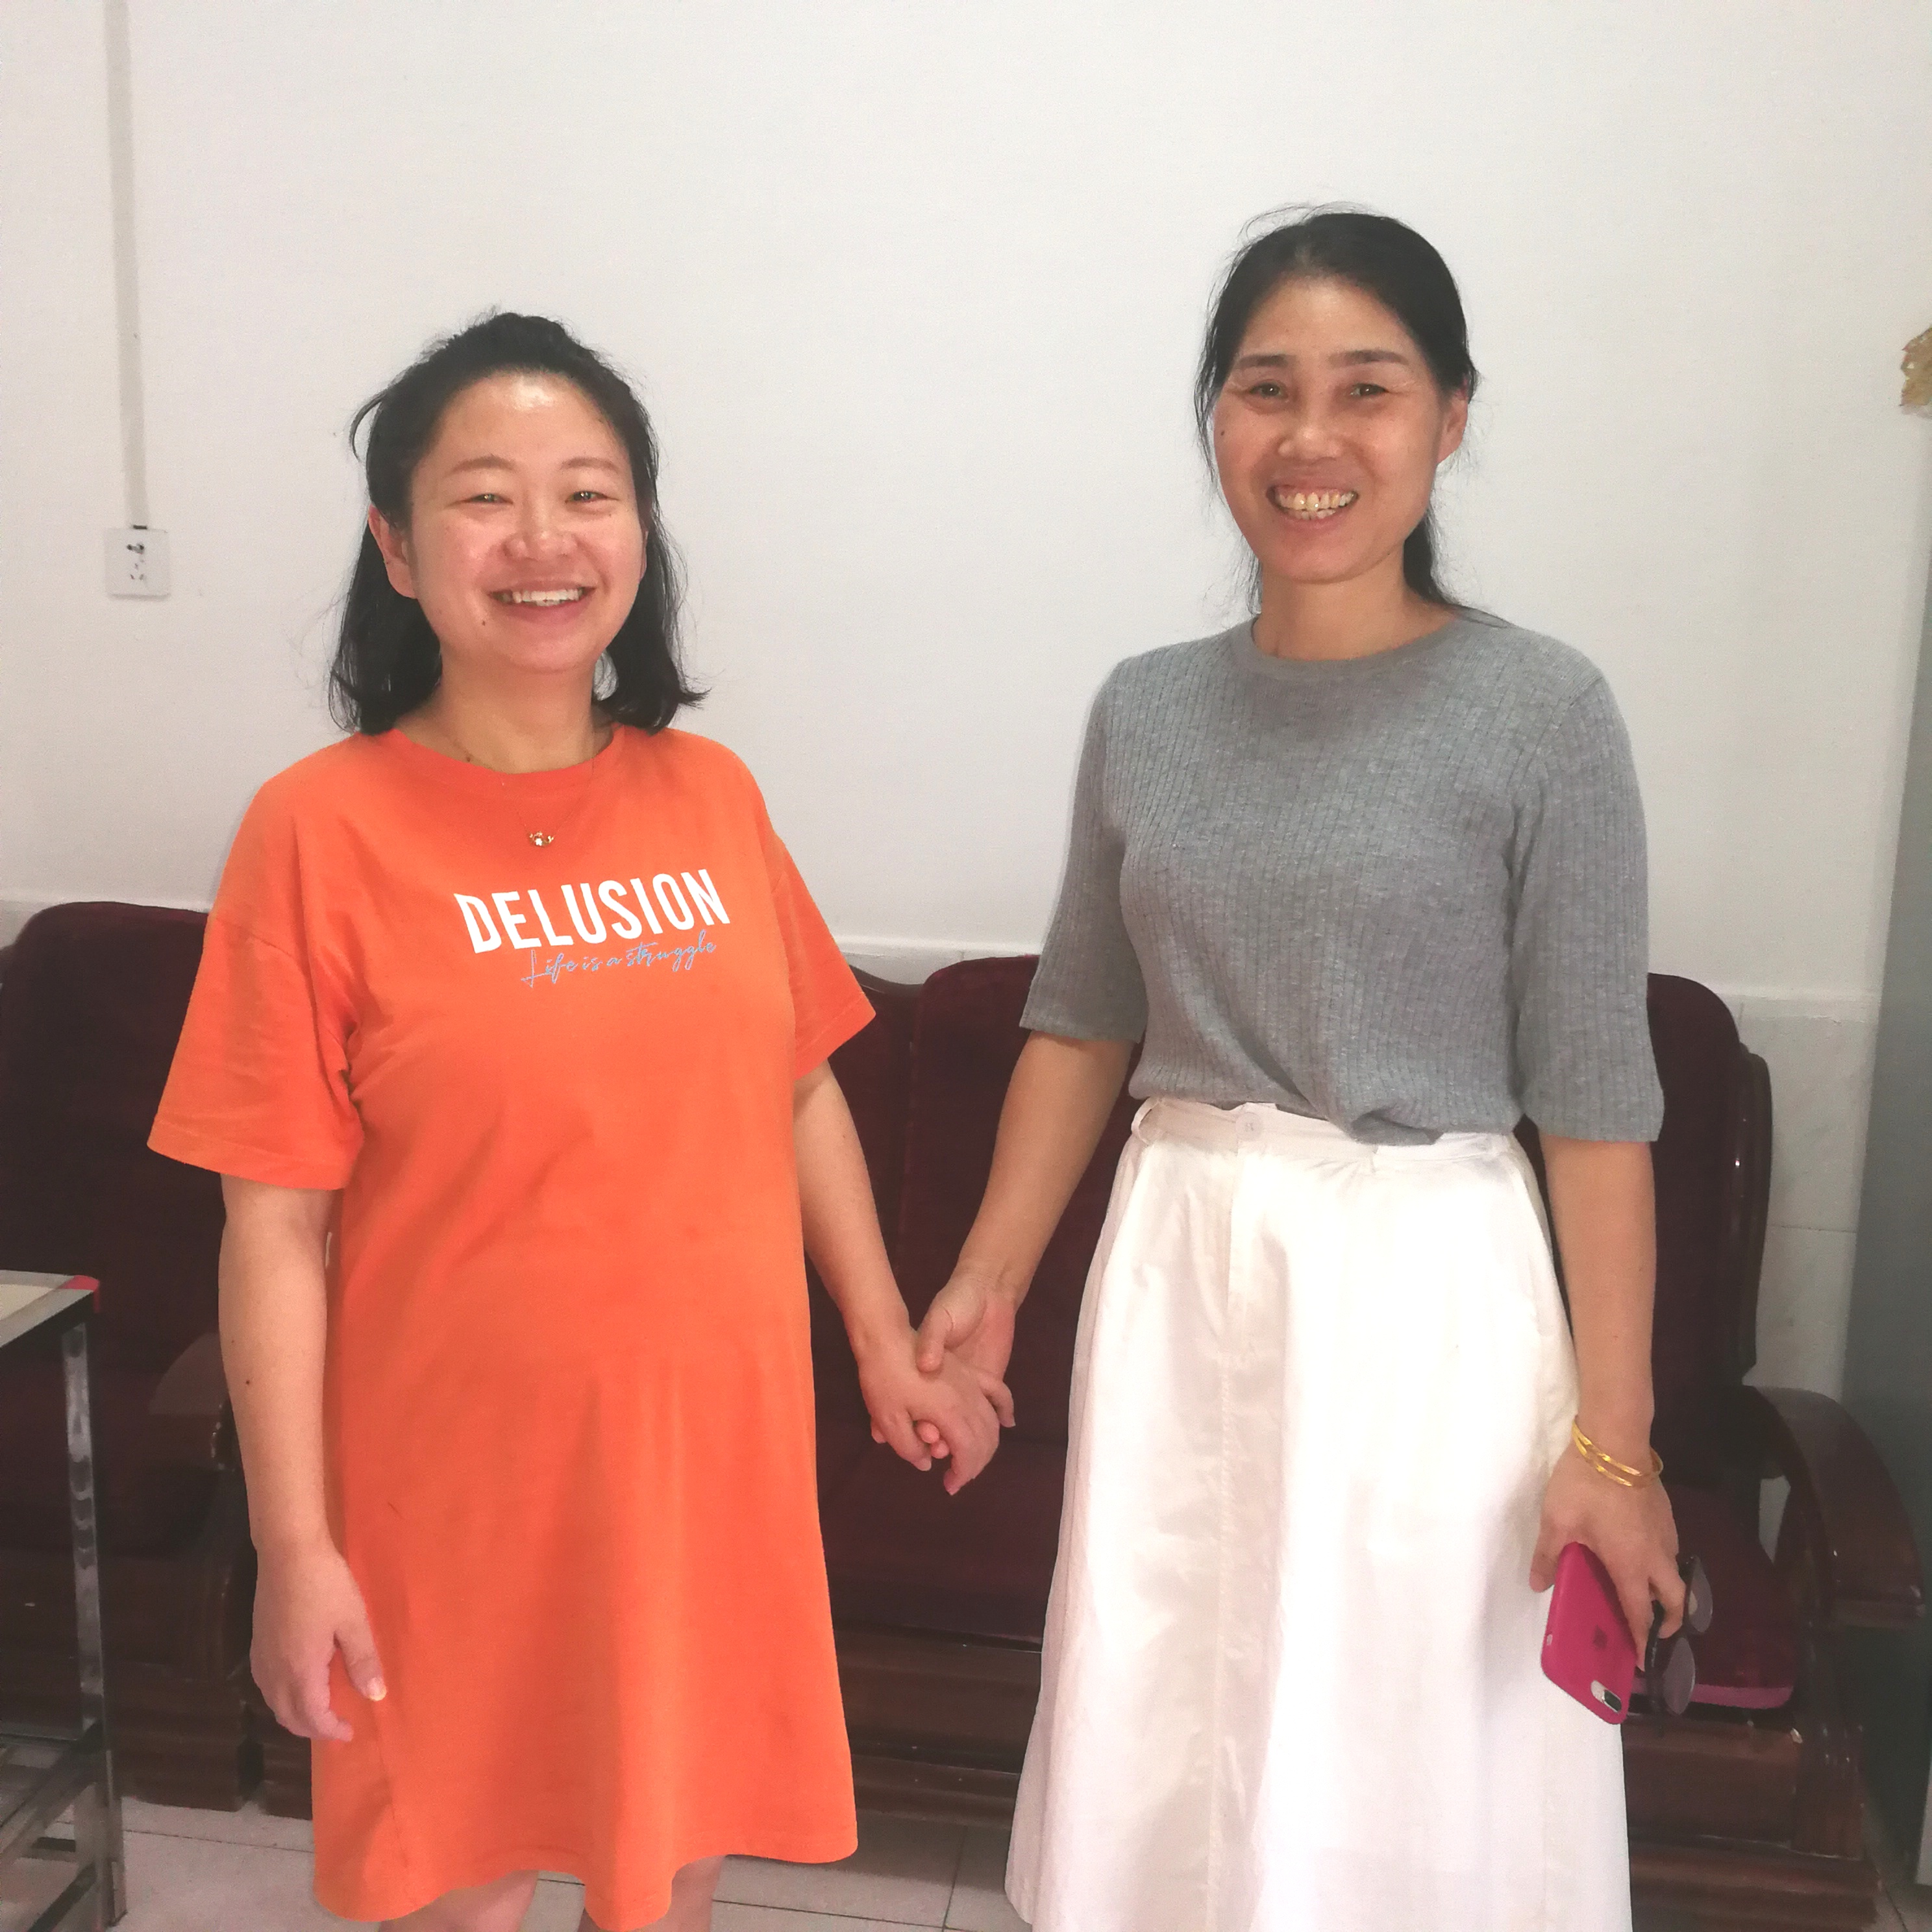 """朱晖老师(右)是一名中学高级教师。图为她与学校师徒""""结对""""的年轻老师何滔(左)进行谈心交流。 长沙晚报全媒体记者  黎铁桥 通讯员 谭姣姣摄"""